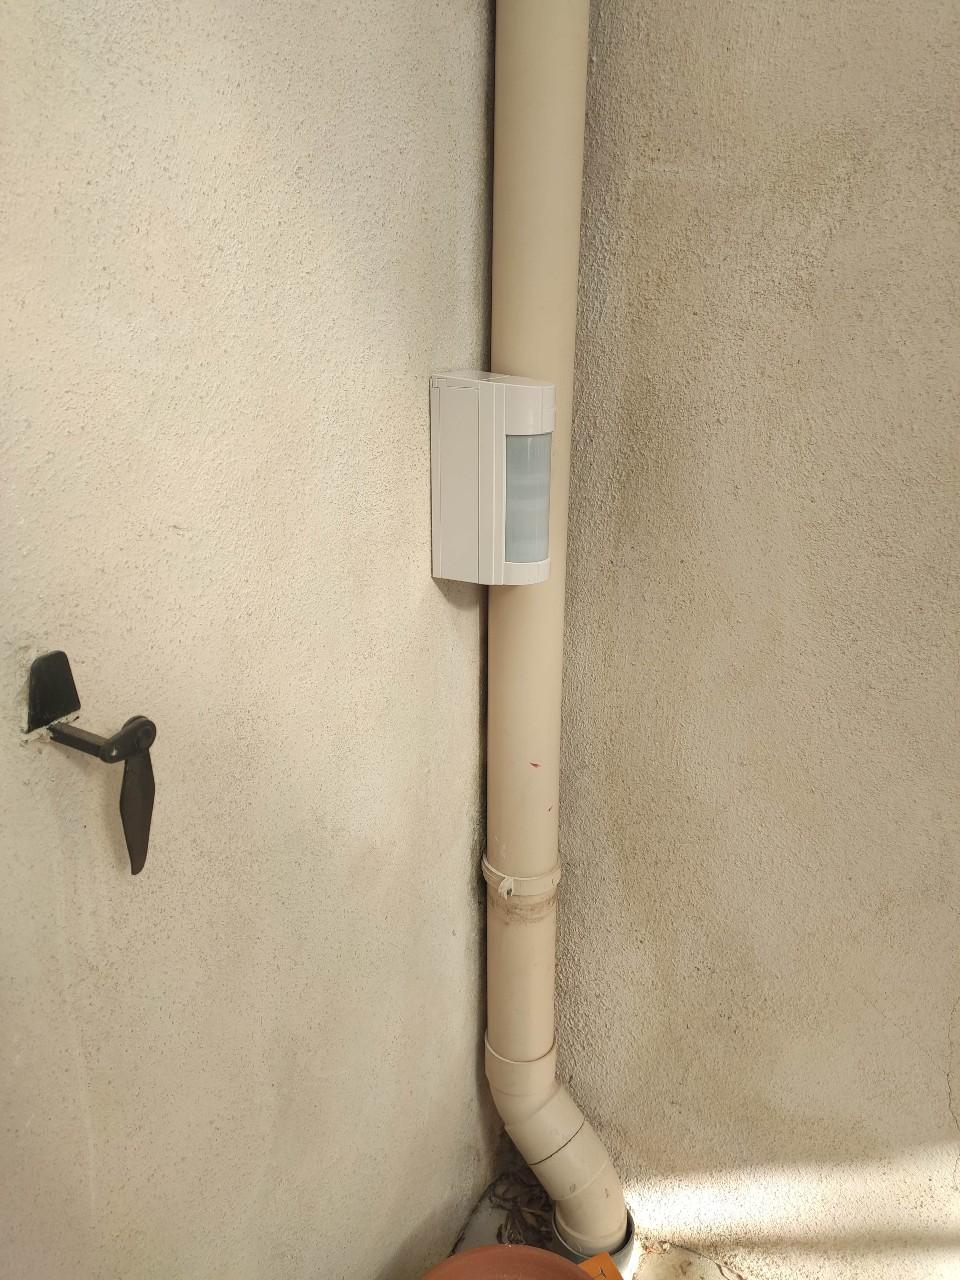 Installateur d'alarmes et détecteurs de mouvement à Luynes près d'Aix en Provence